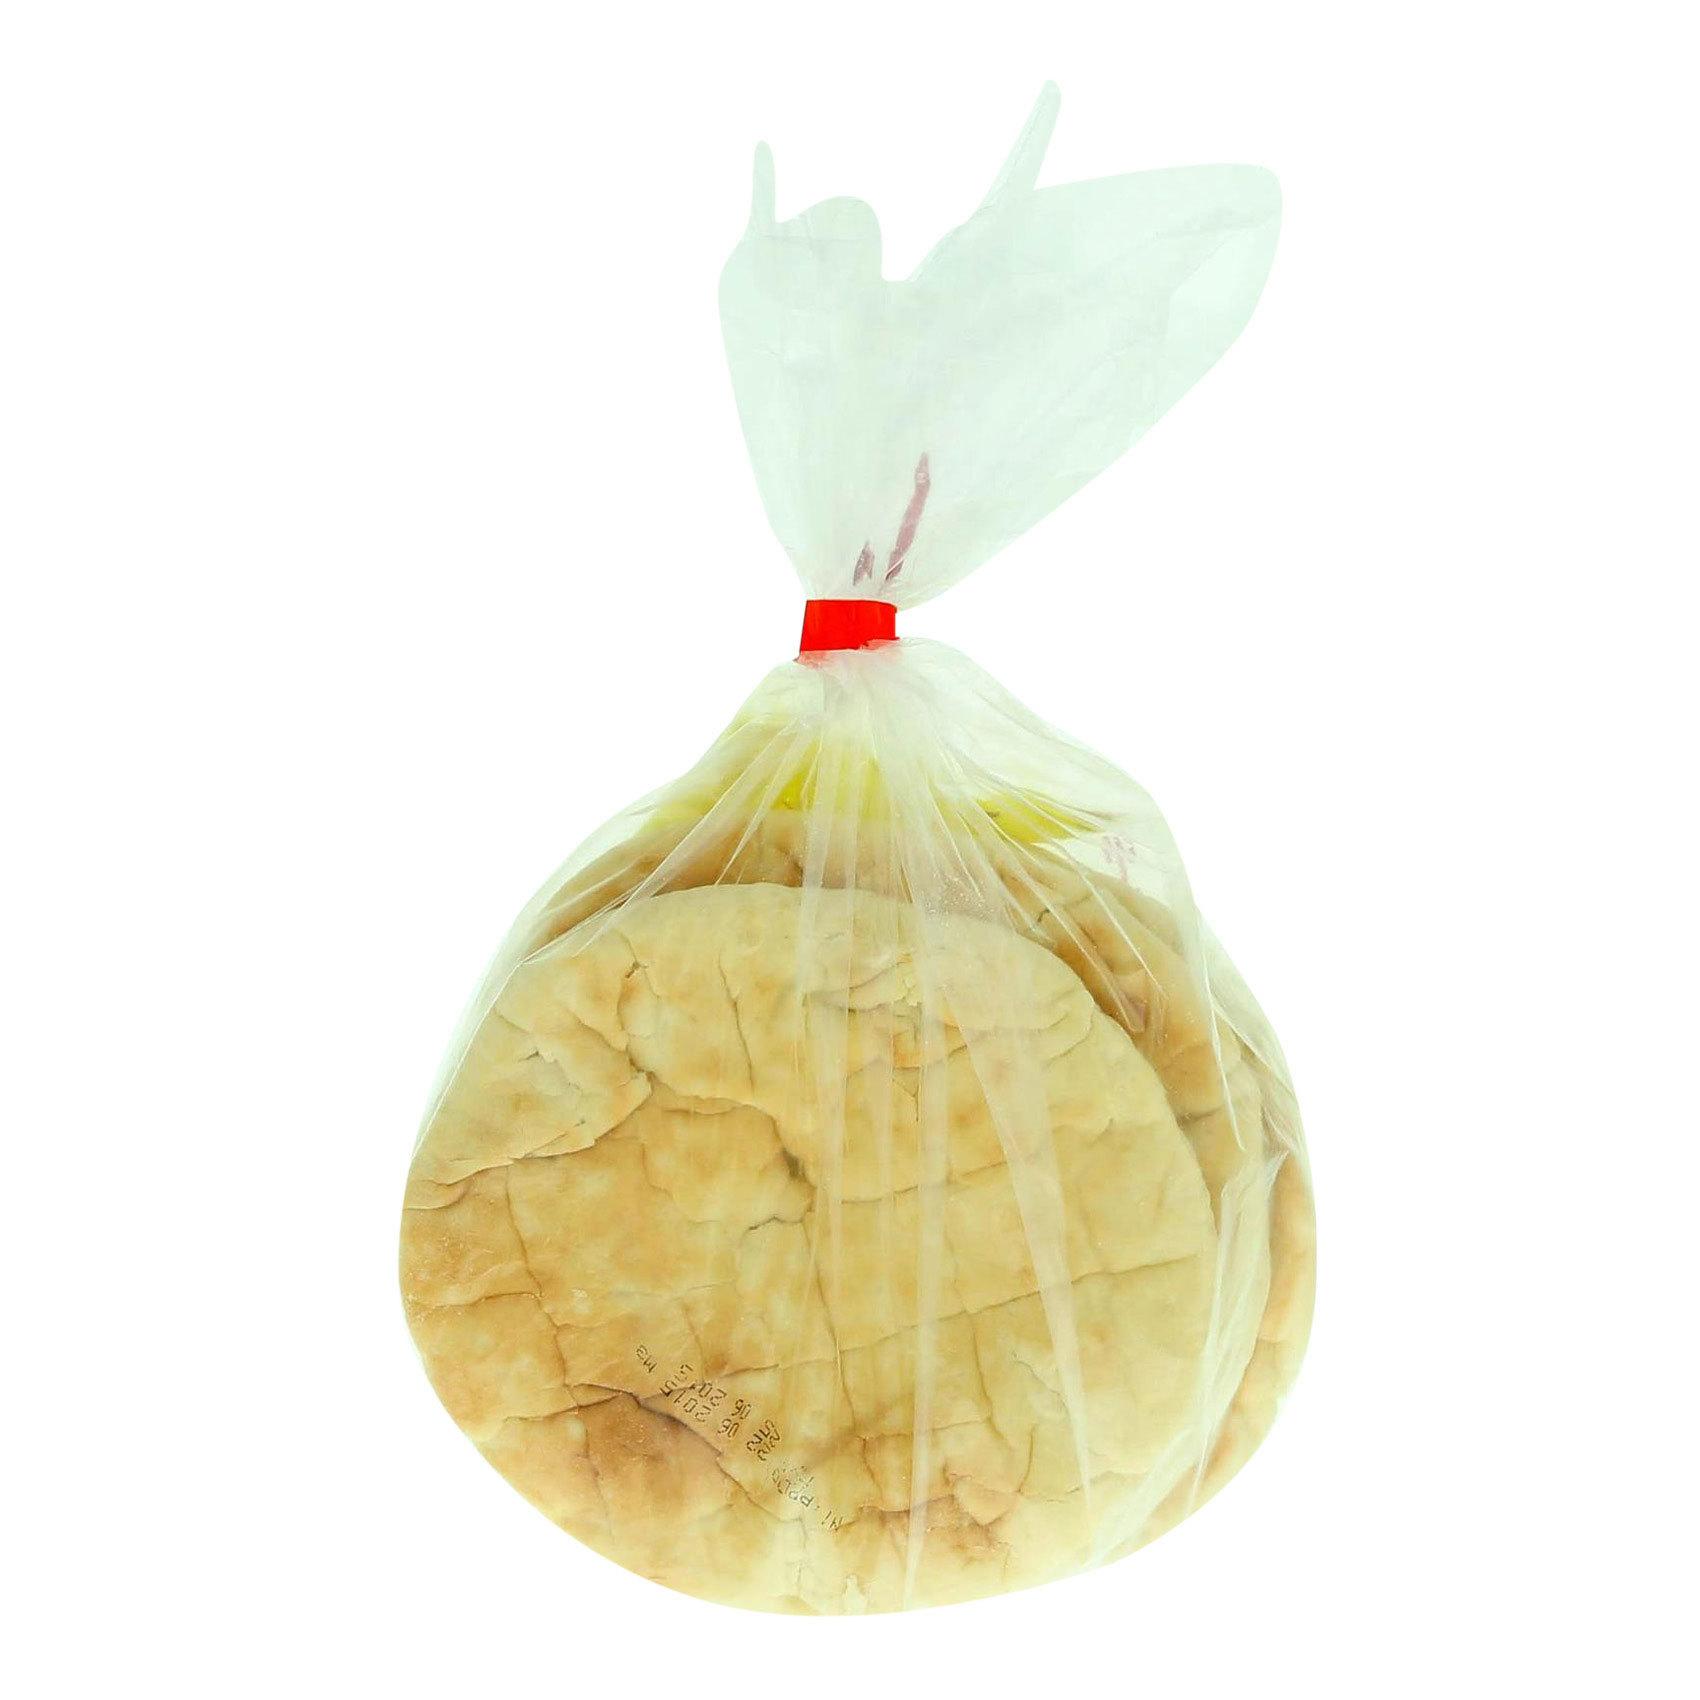 M BAKERY ARABIC W BREAD MEDX4 280G